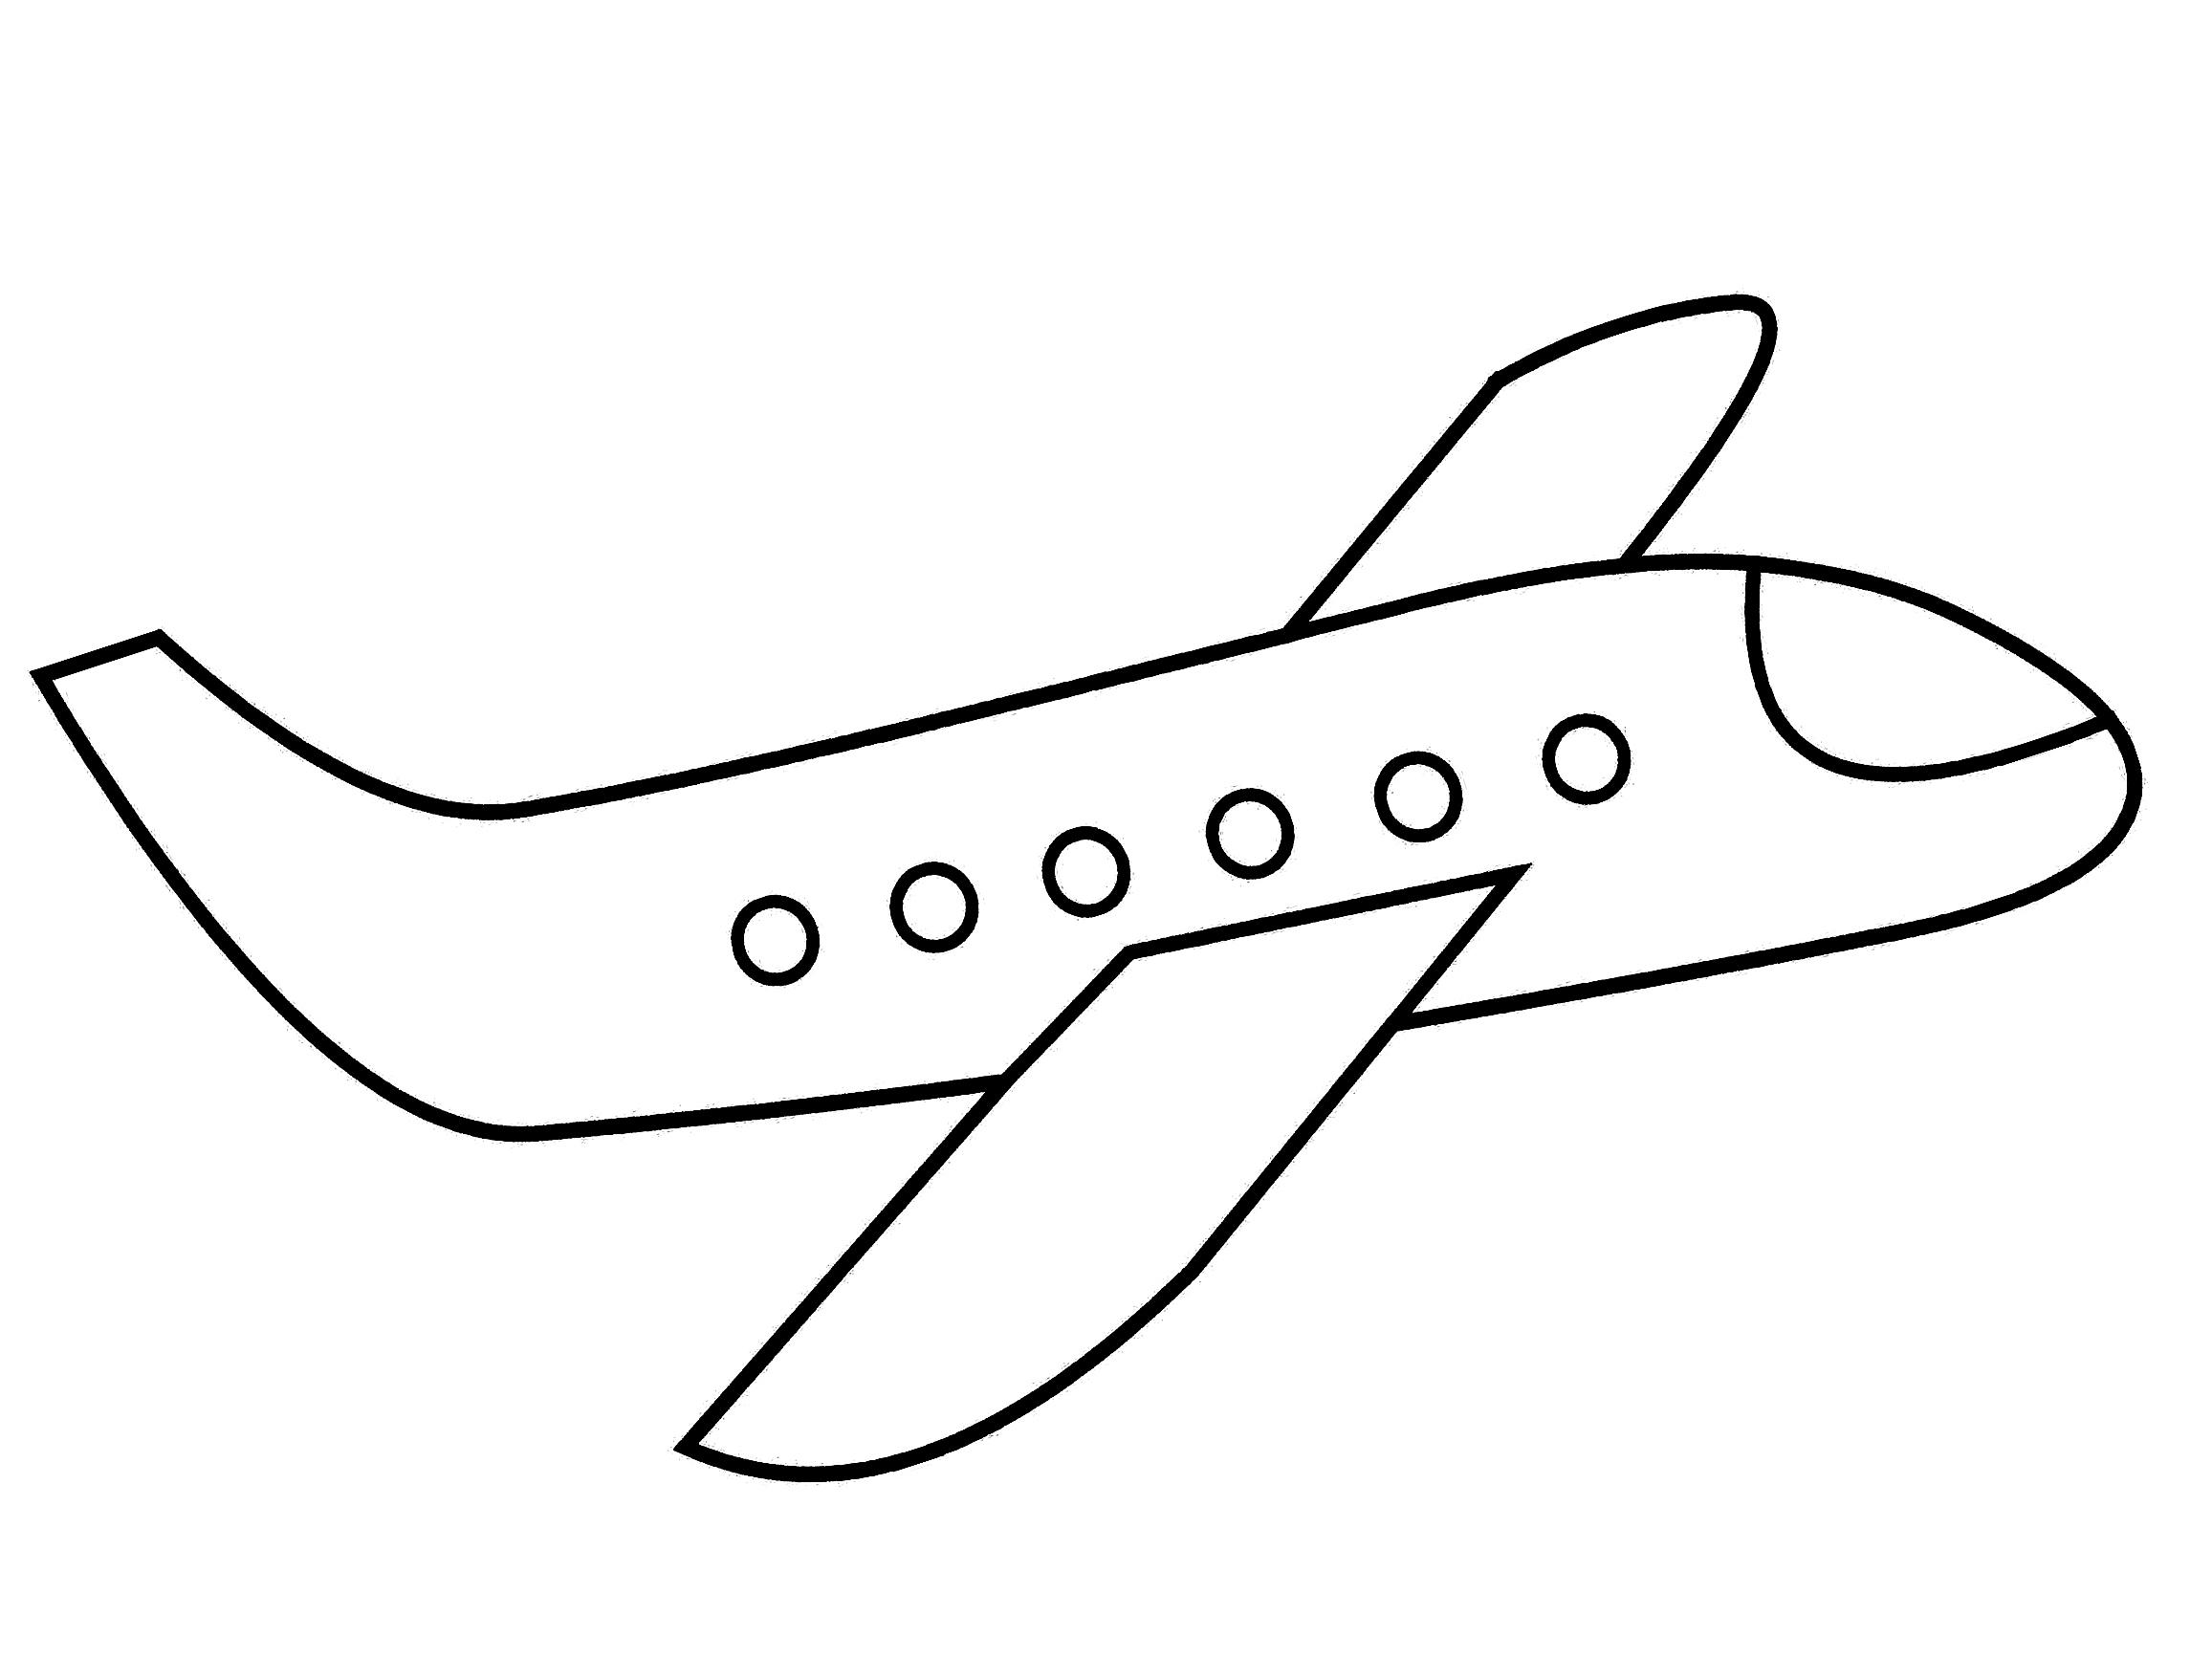 ausmalbilder flieger - kinderbilder.download